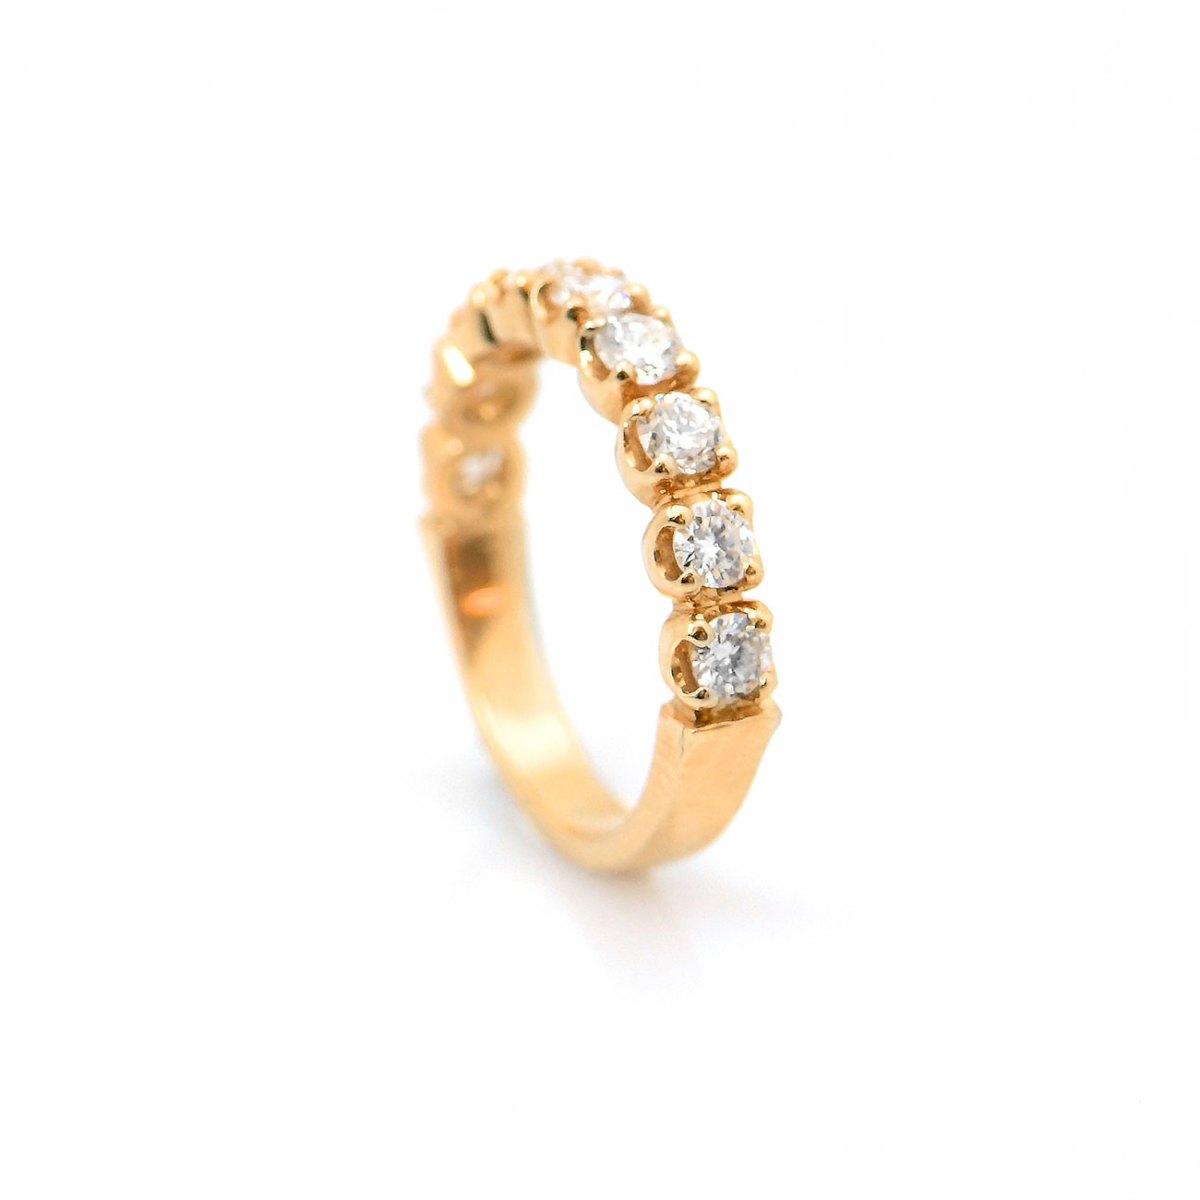 Demi-alliance américaine diamants 0,92ct, taille brillant sur or jaune 750 ‰, taille 53 | Réf. BA-A536 | EVENOR Joaillerie • Bijoux neuf - Bijoux Vintage